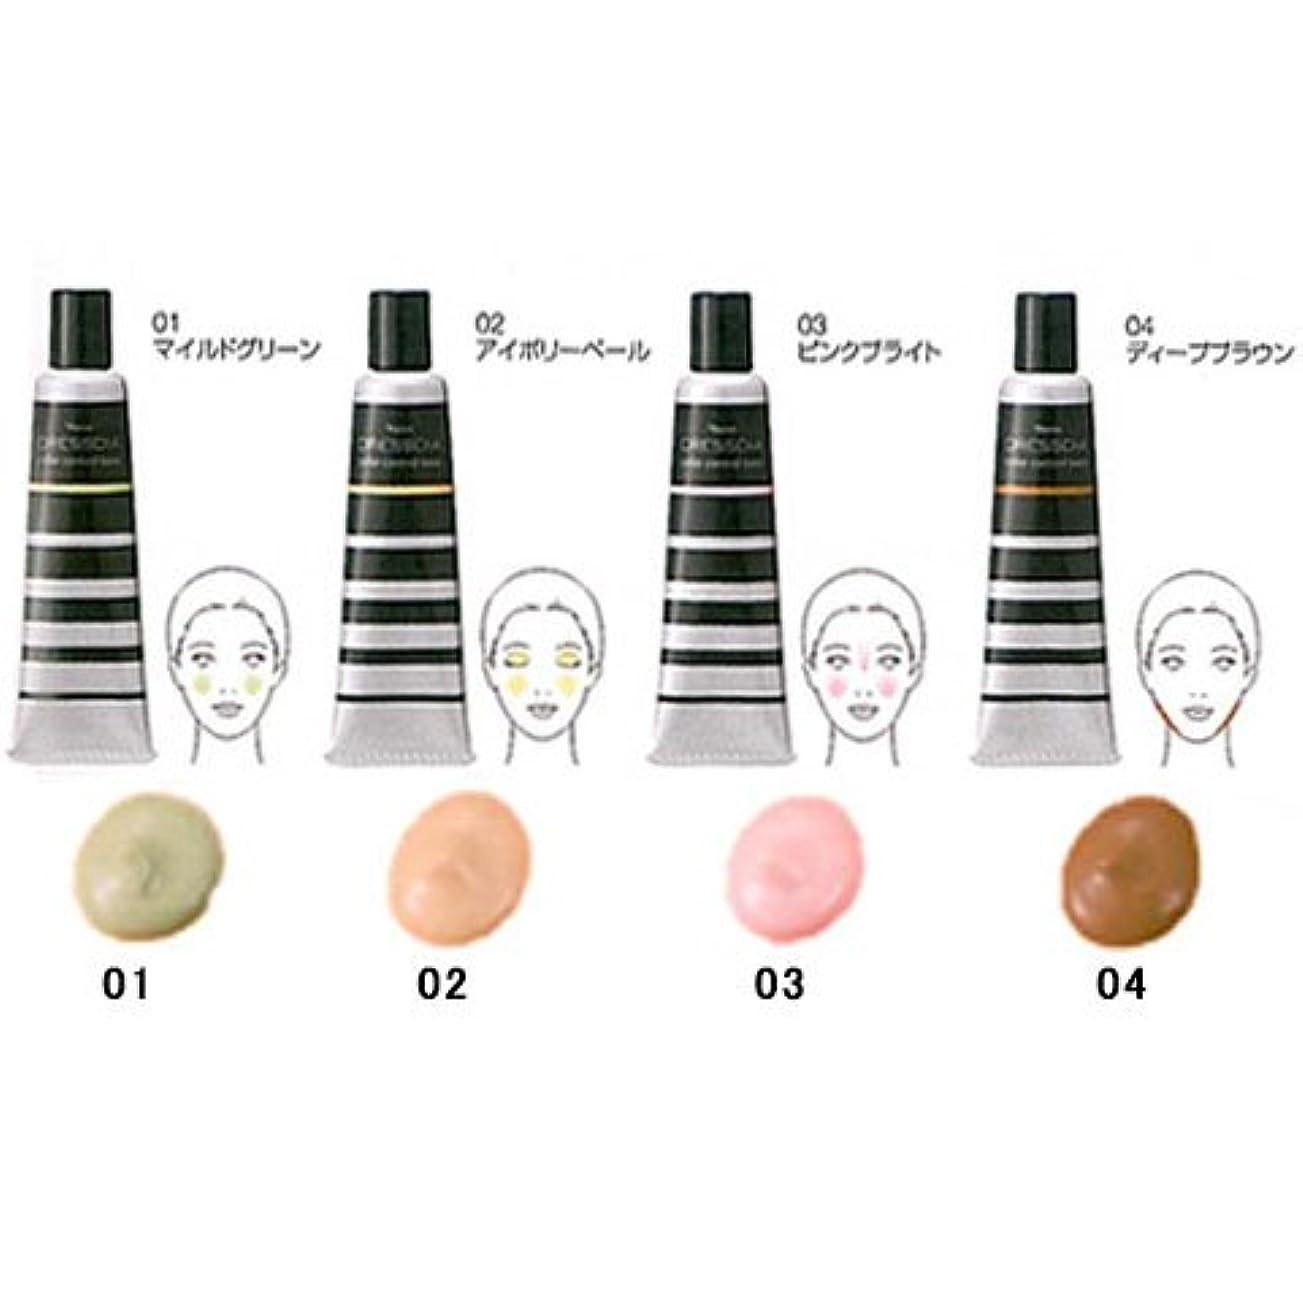 満足させる資本ポルノナリス化粧品 ドレスディア カラーコントロールベース部分用 化粧下地 20g 04 ディープブラウン